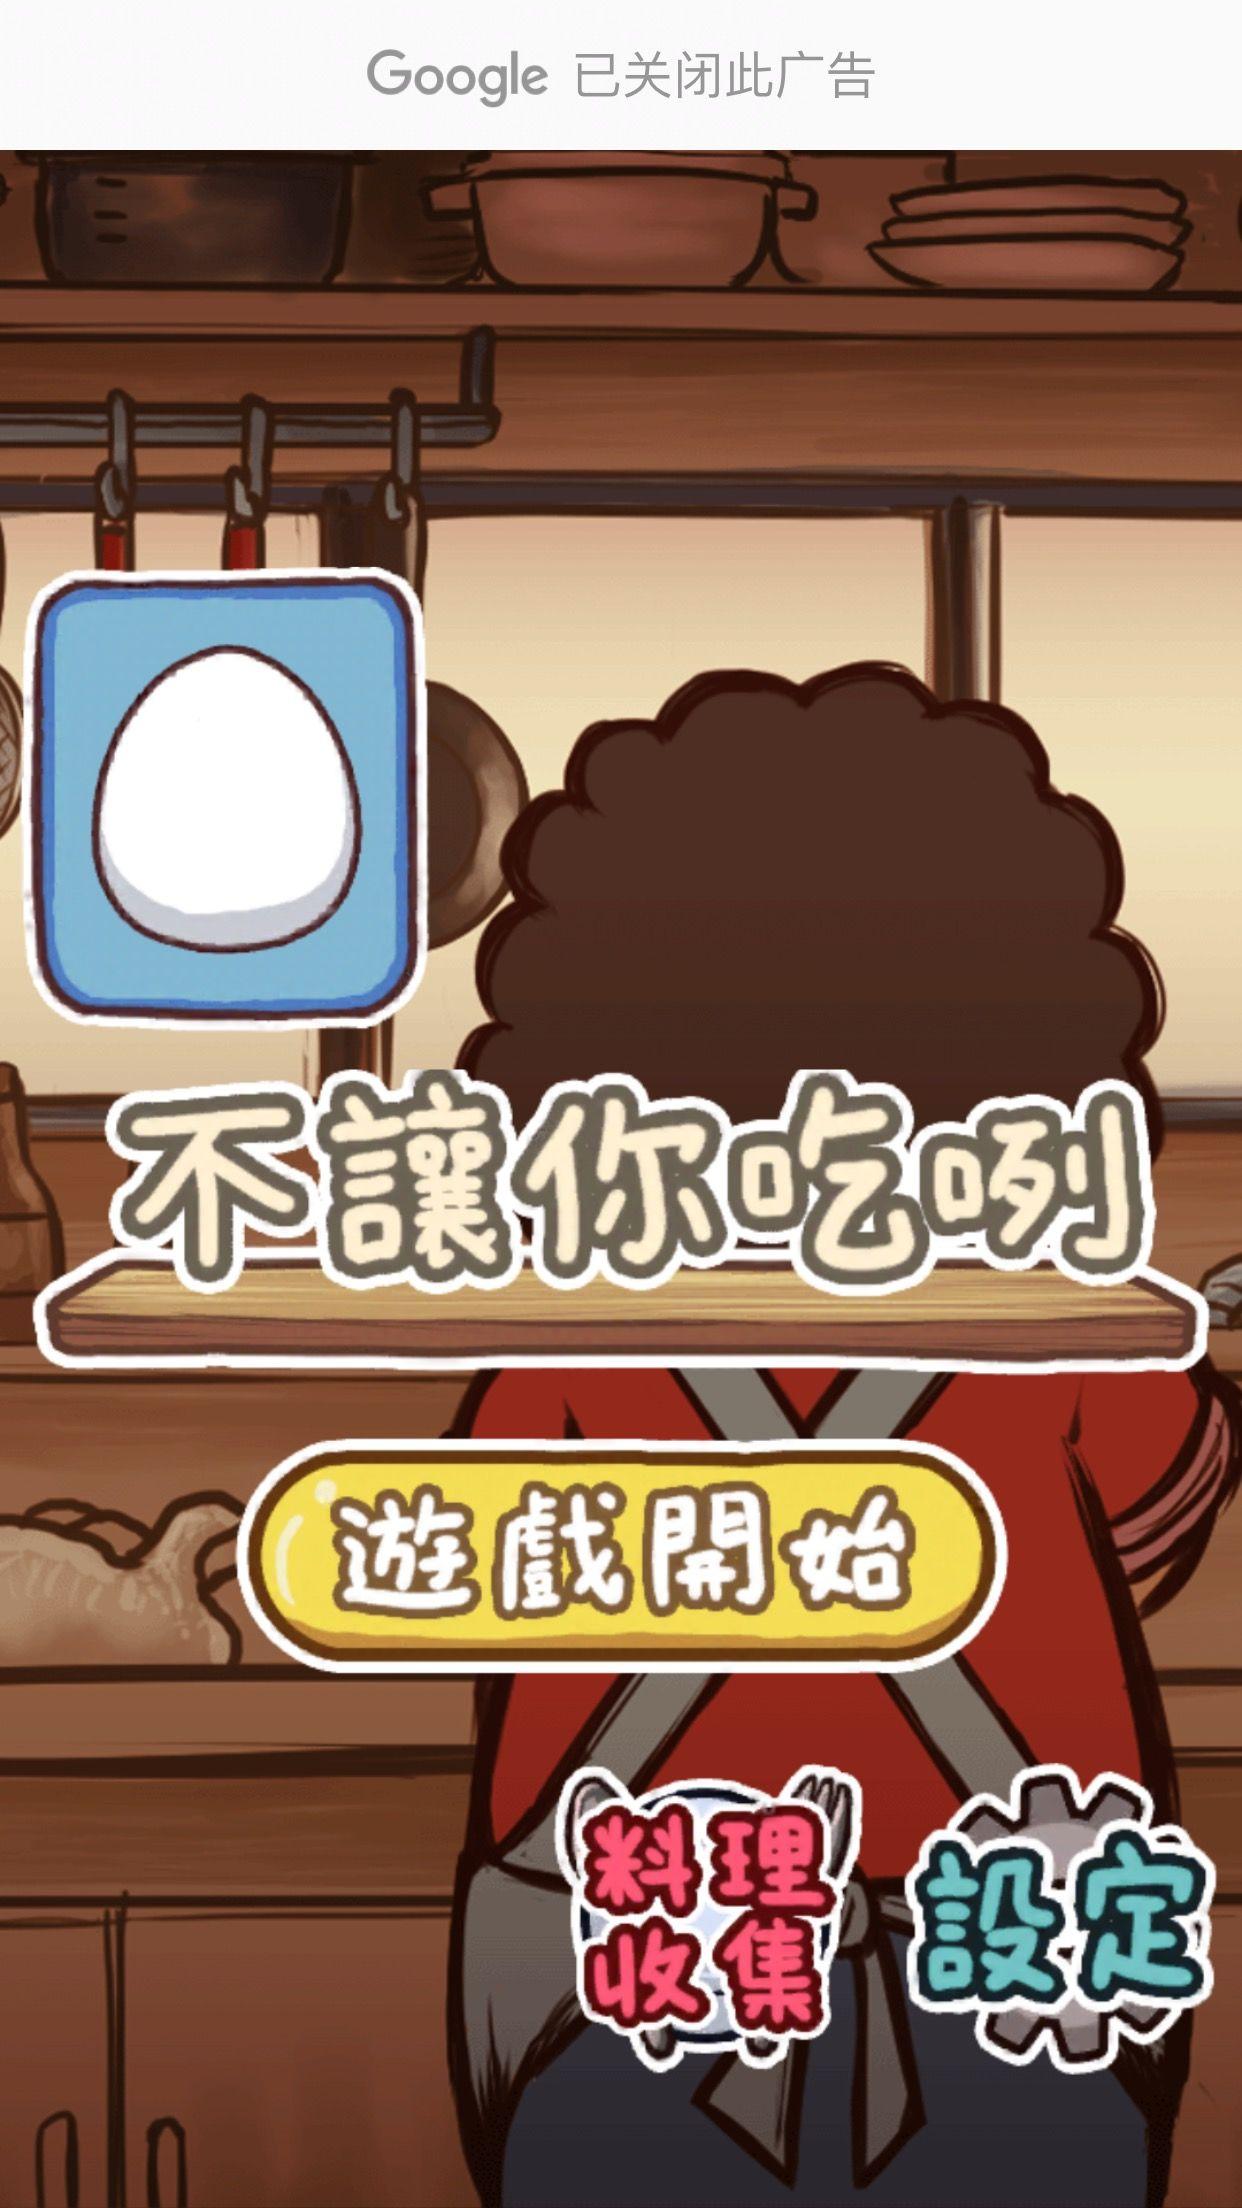 不让你吃嘞怎么改中文 中文设置攻略[多图]